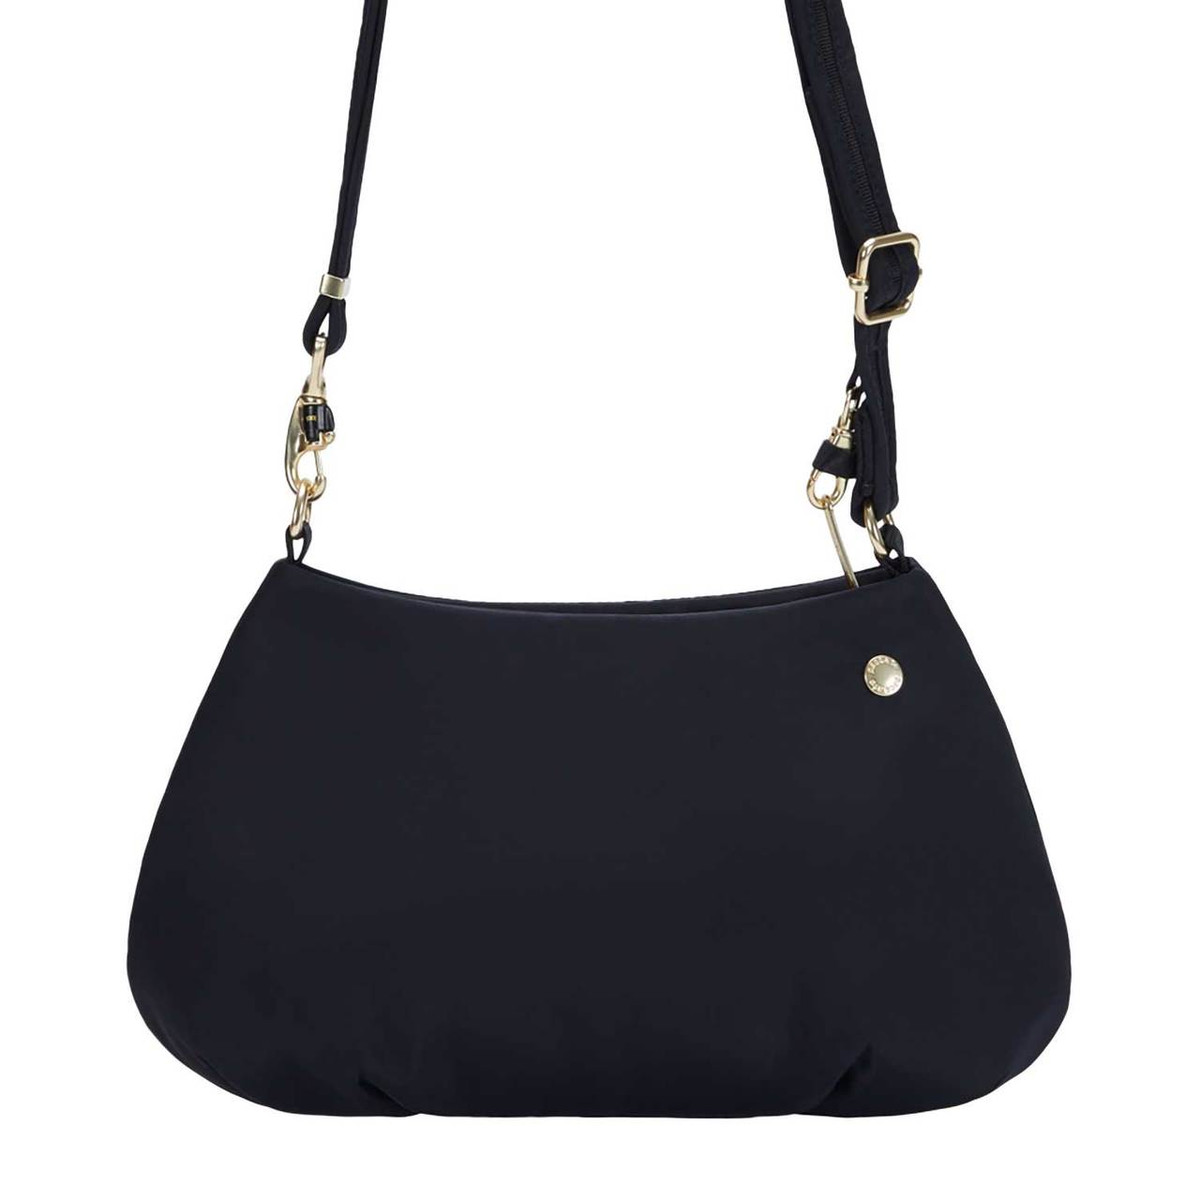 Pacsafe Citysafe CX anti-theft crossbody bag